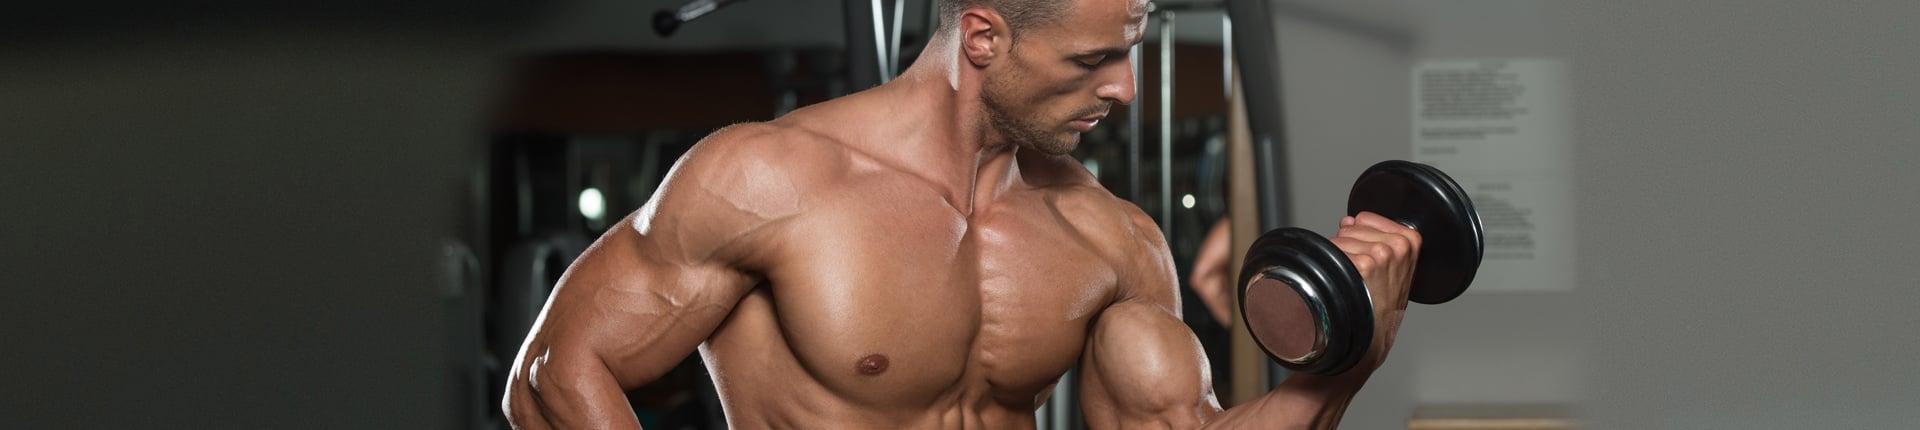 Znajomość funkcji mięśnia - sposobem na nowy bodziec treningowy